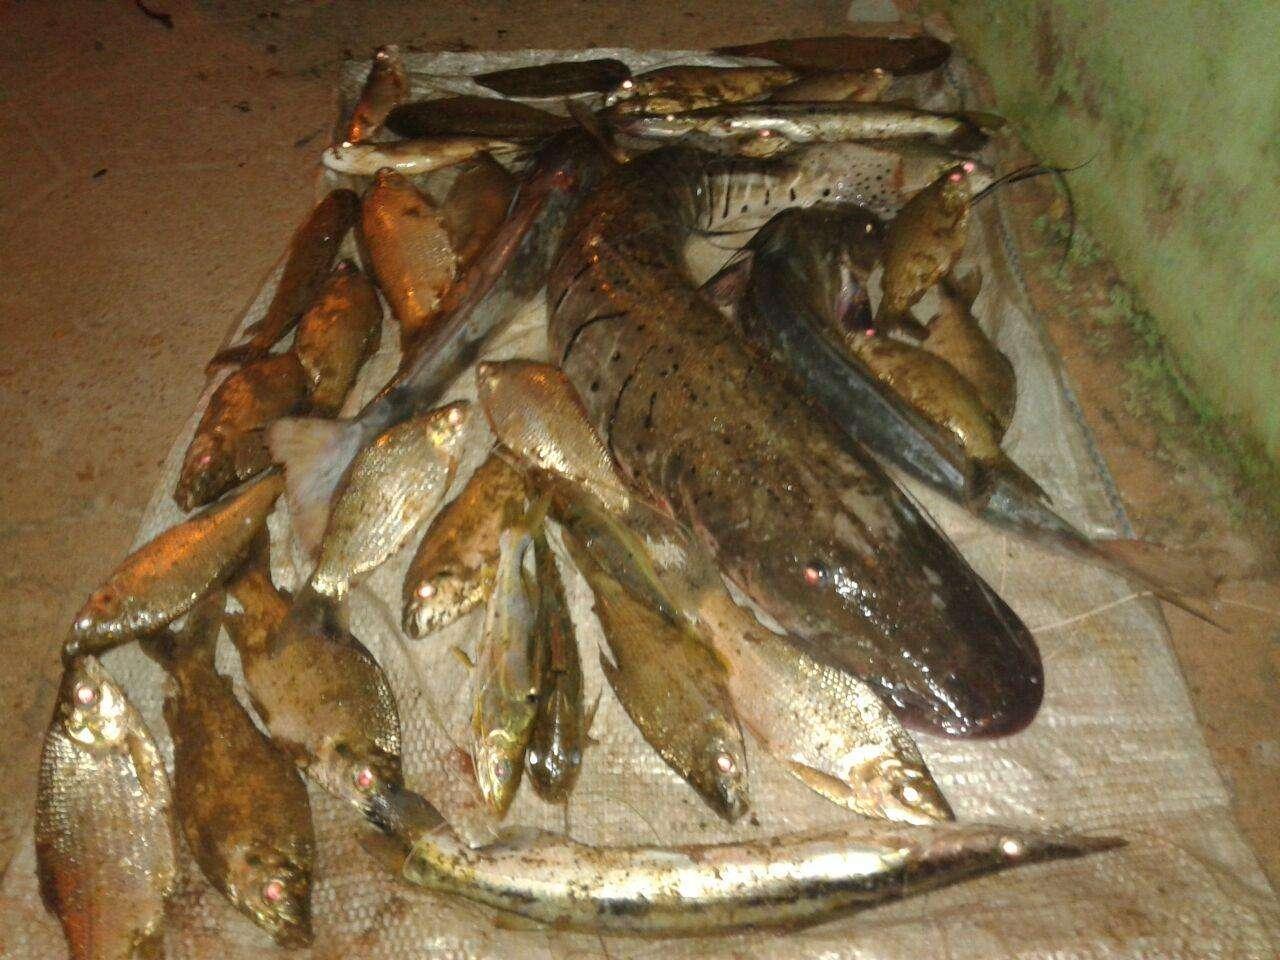 Polícia apreende 15 kg de pescado irregulares em Montes Claros